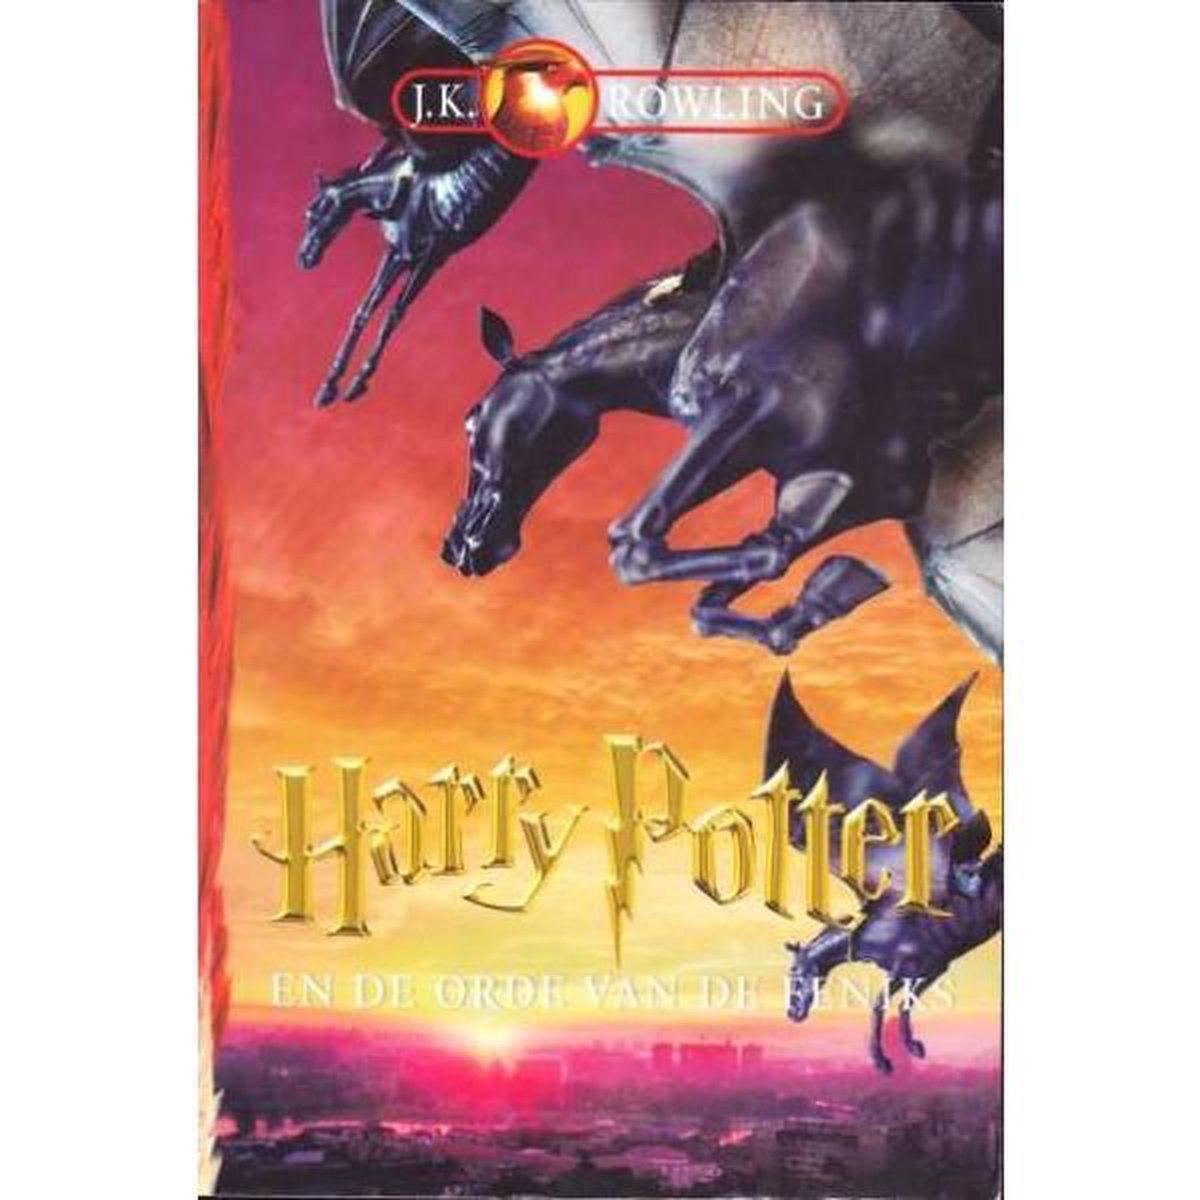 Bol Com Harry Potter 5 Harry Potter En De Orde Van De Feniks J K Rowling 9789061697008